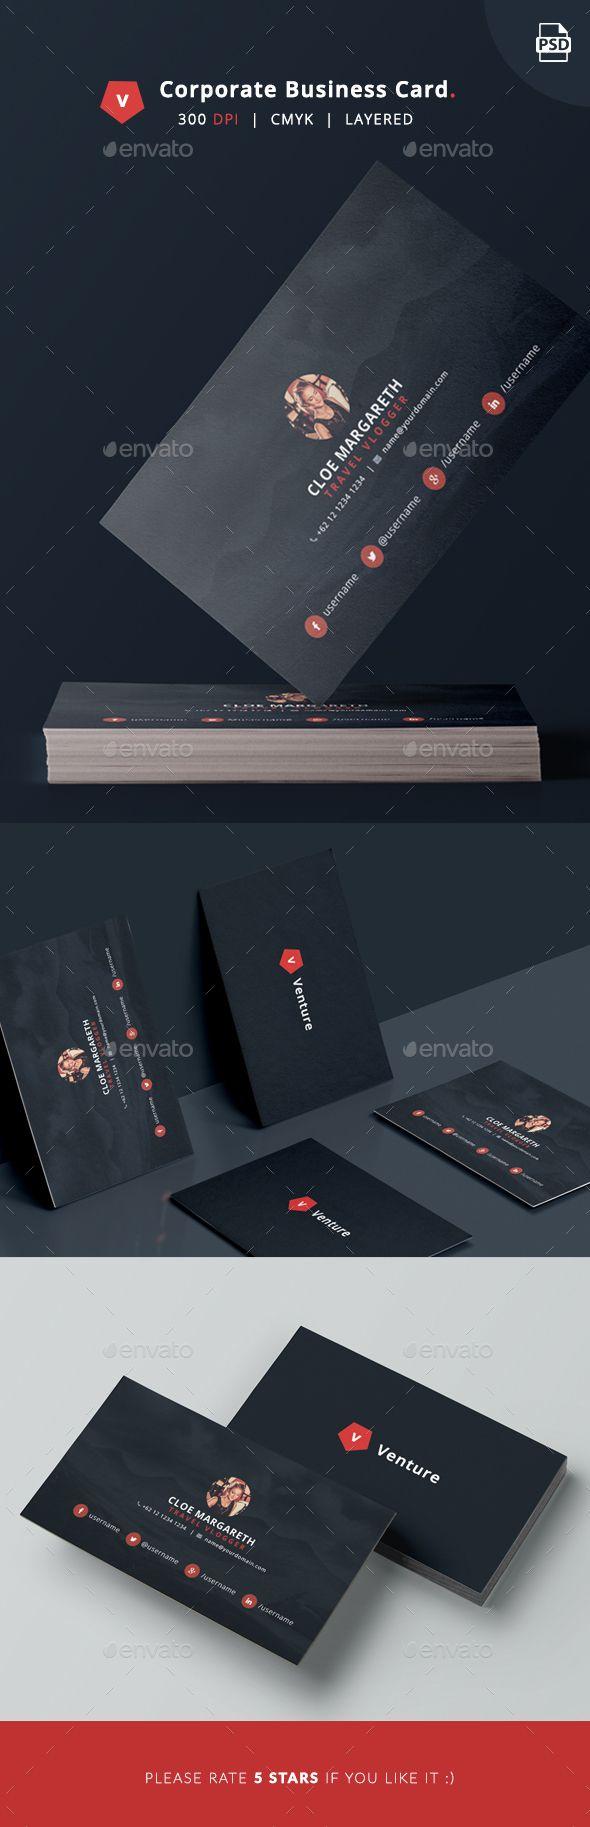 دانلود فایل کارت ویزیت آماده لایه باز معماری شخصی مذهبی